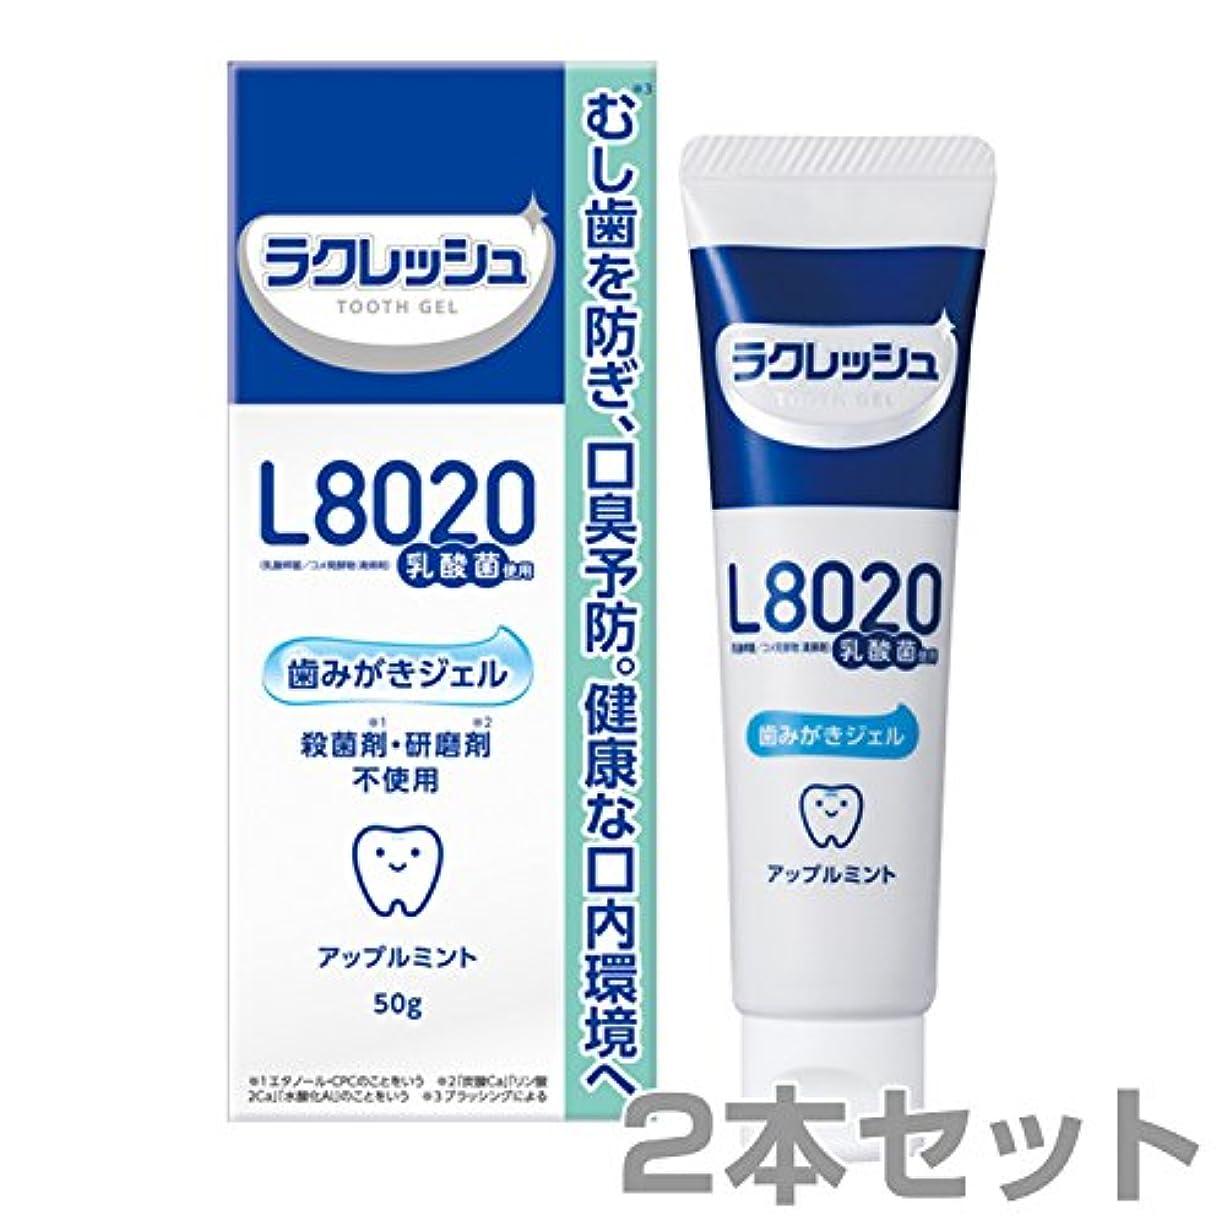 謝る化合物毎月ジェクス(JEX) ラクレッシュ L8020 乳酸菌 歯みがきジェル (50g) 2本セット アップルミント風味